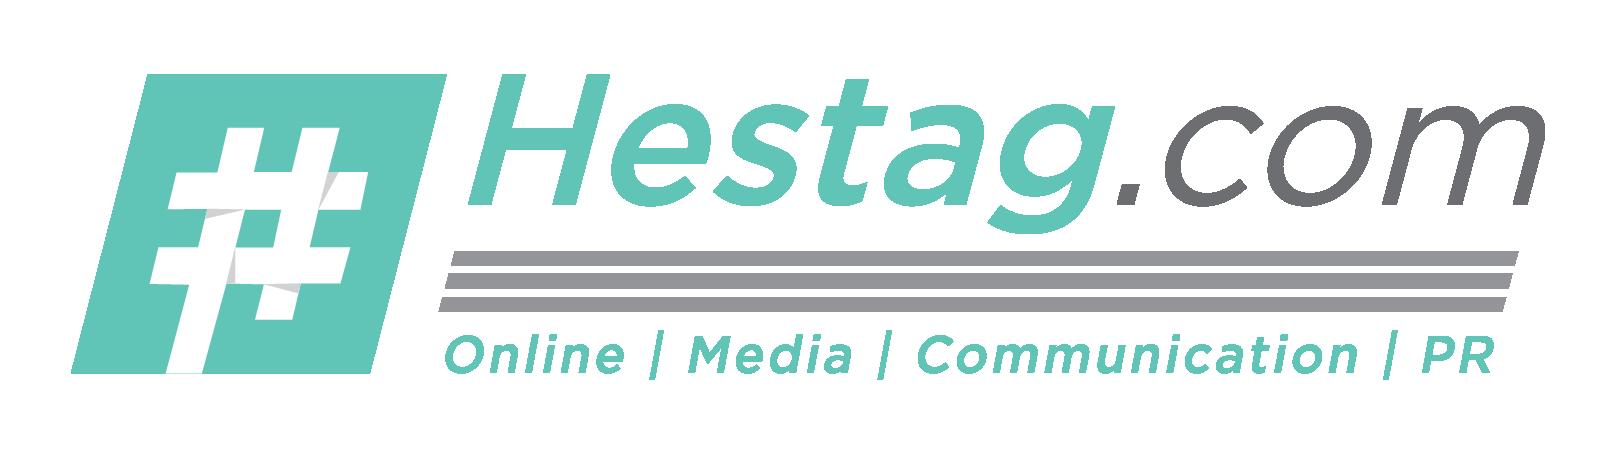 Hestag.com